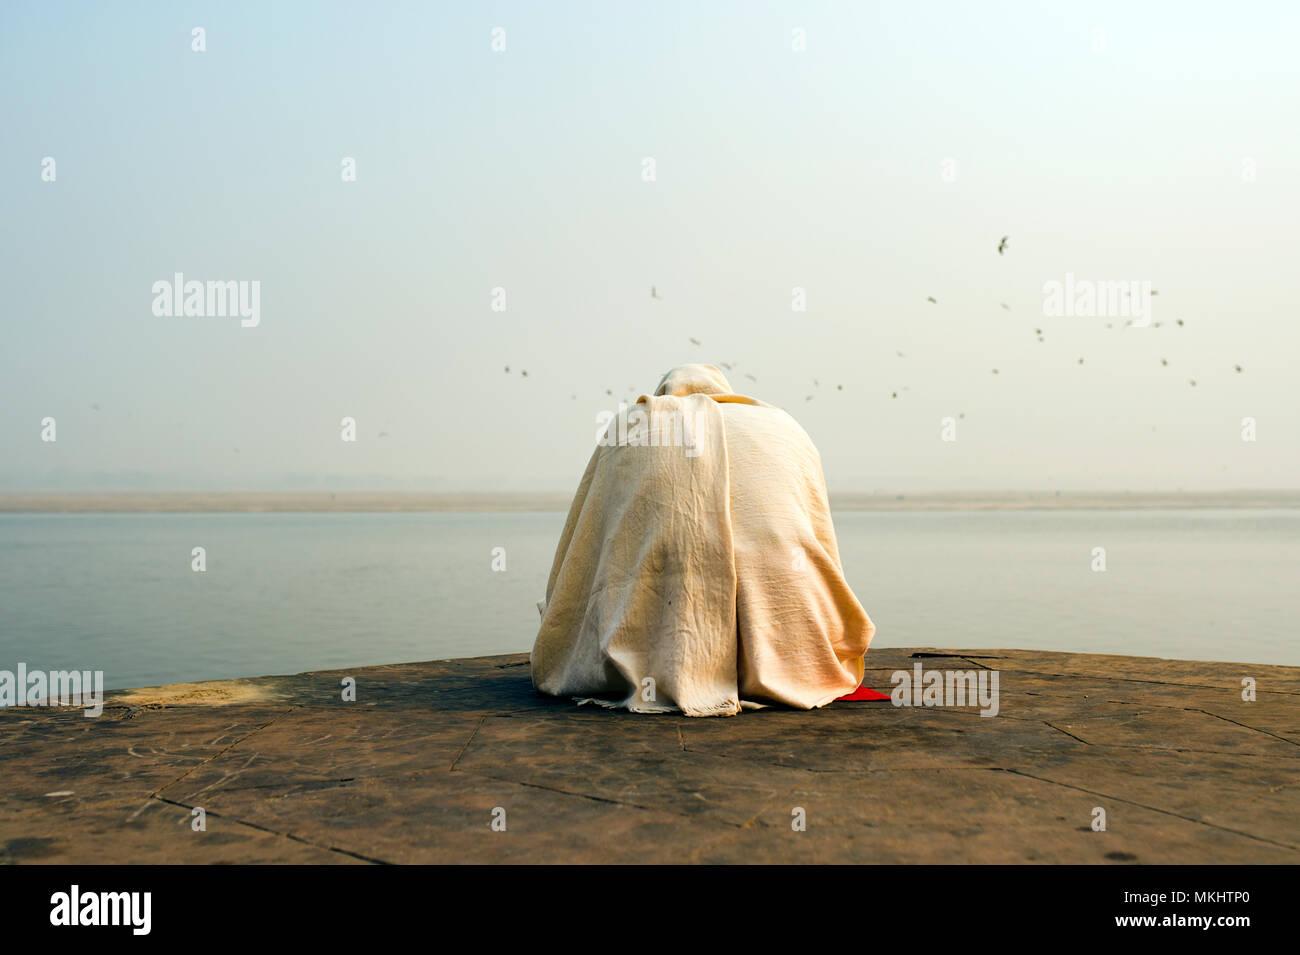 Un santo uomo vestito di bianco è di pregare e meditare su uno dei tanti Ghats di Varanasi davanti al fiume sacro Gange, India. Immagini Stock